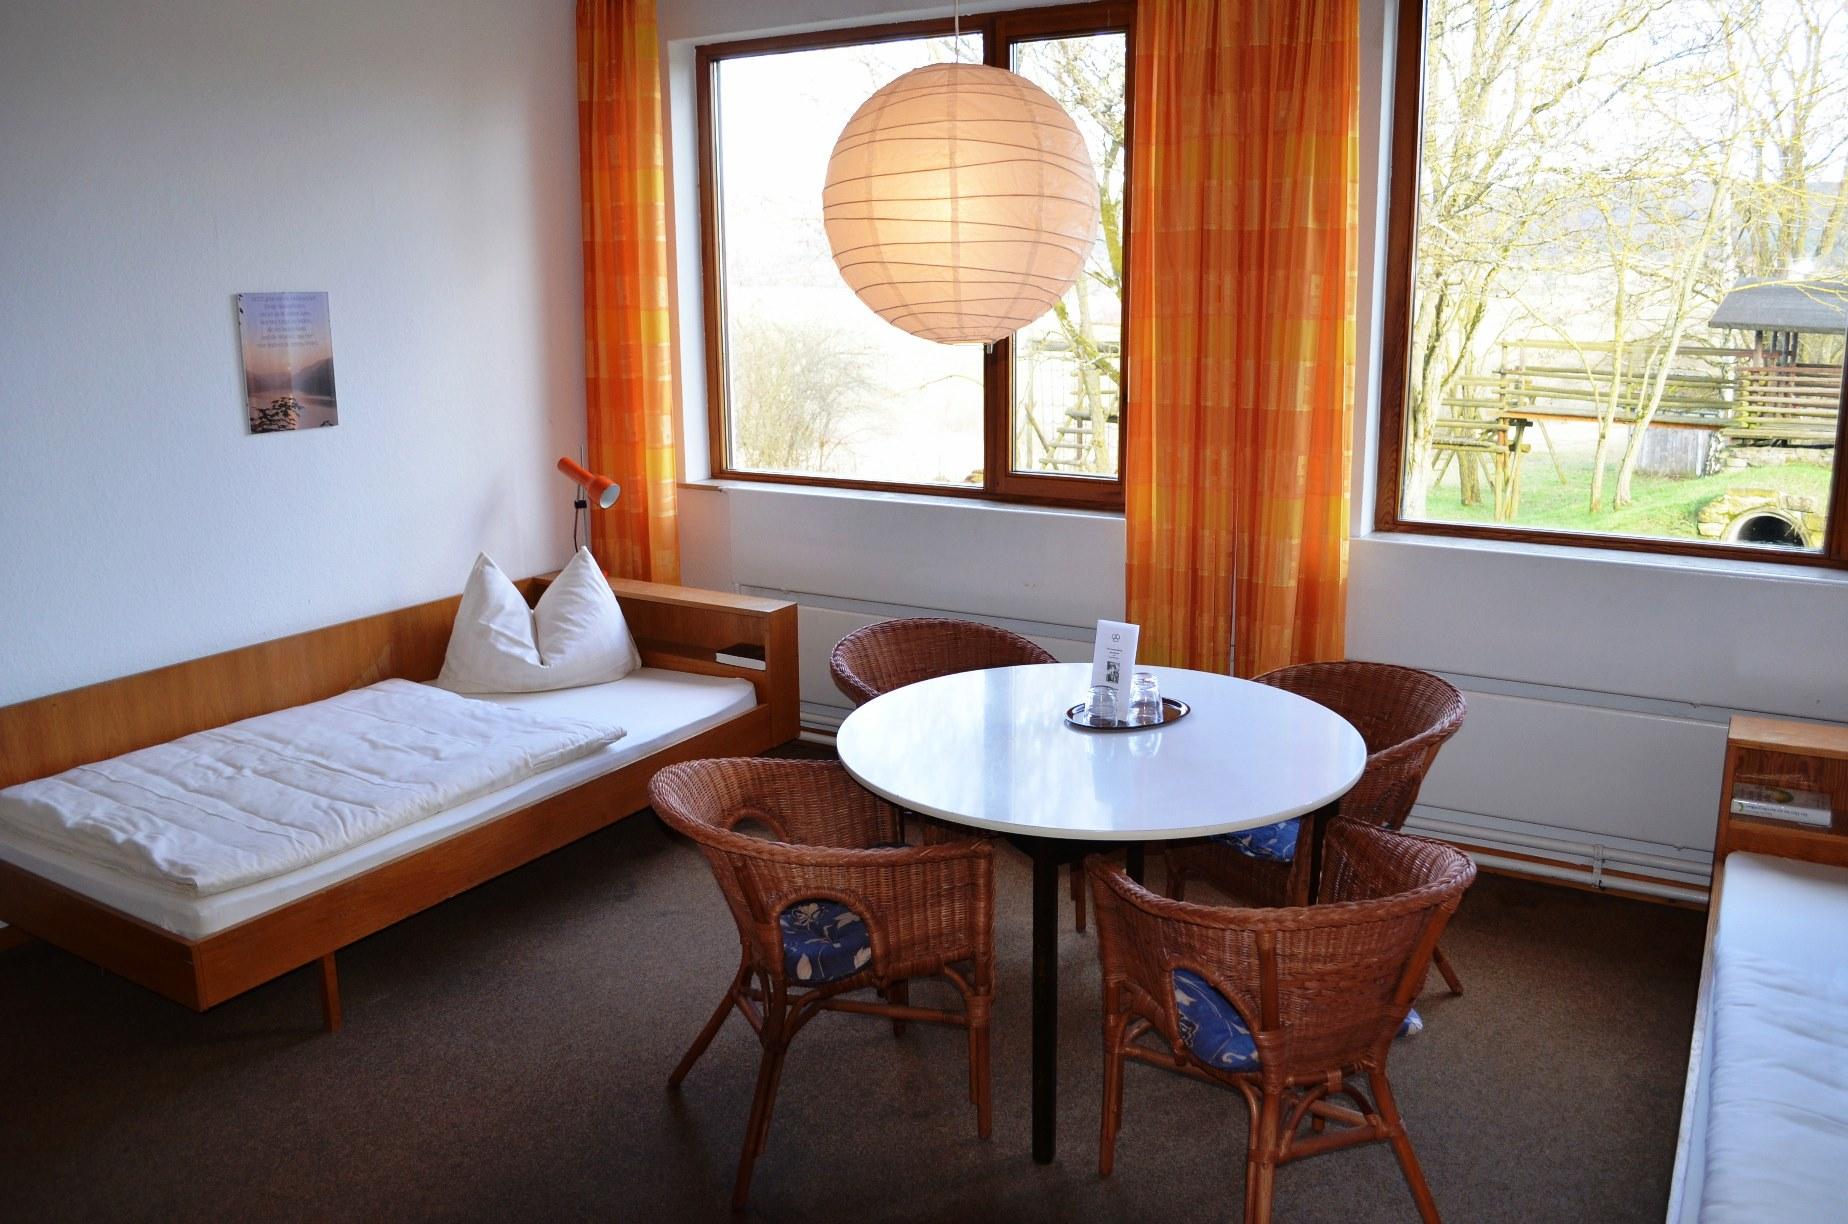 Zimmerbeispiel im Gästehaus mit vielen Doppelzimmern und Mehrbettzimmern